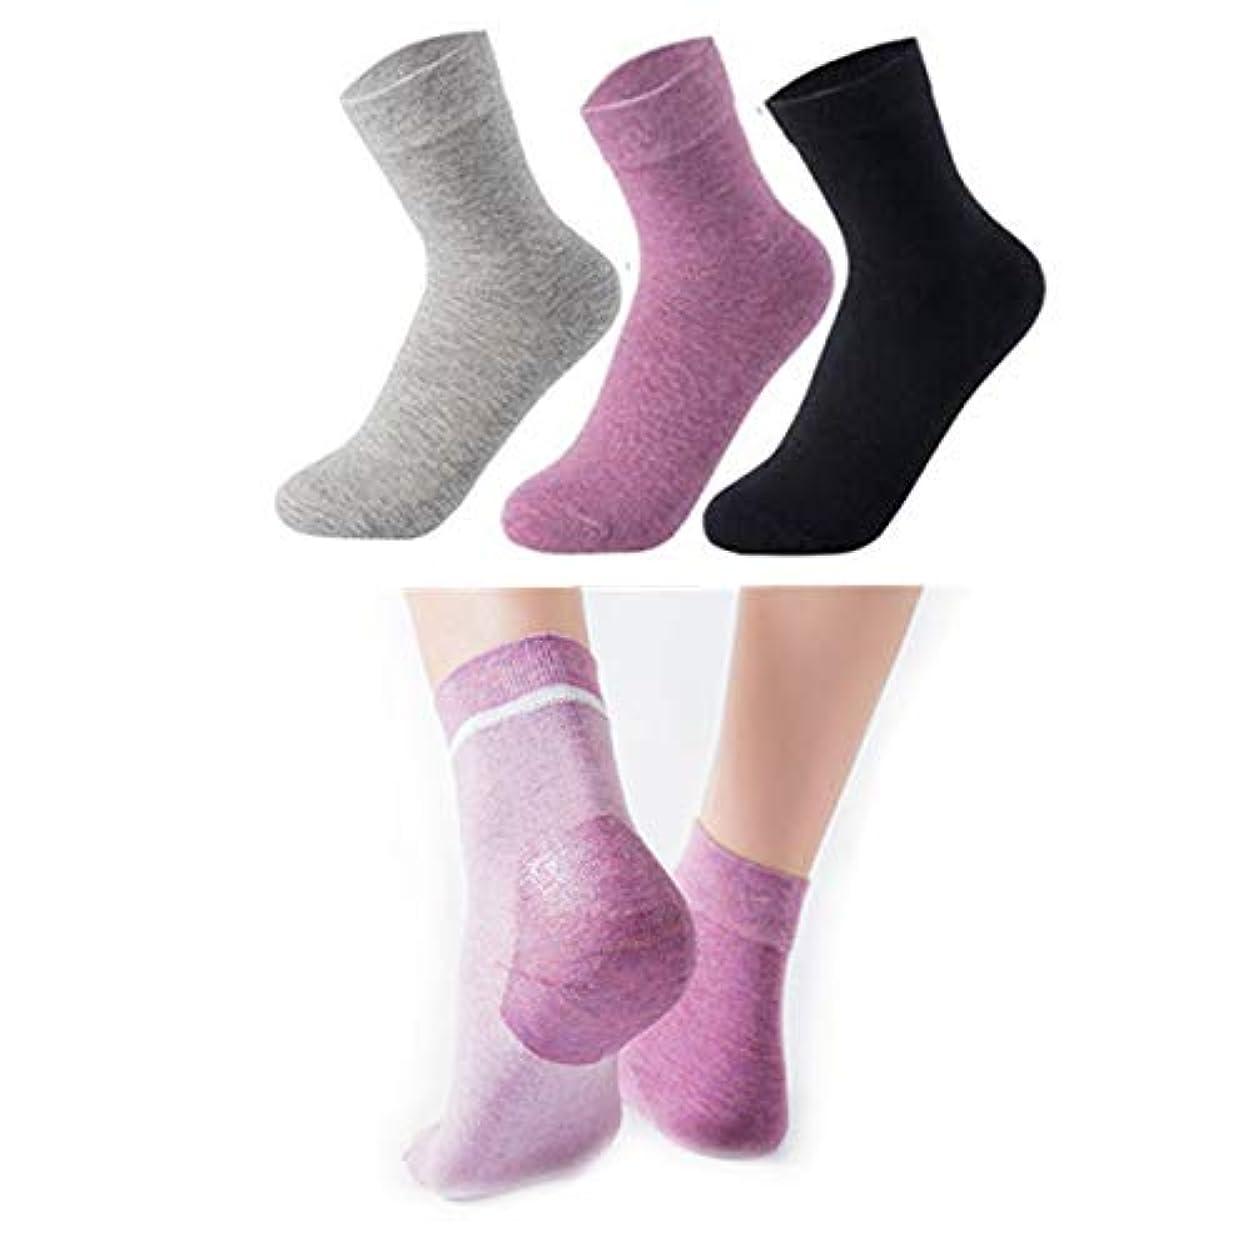 アルミニウム請求成熟Sweetimes かかとケアソックス 保湿効果 靴下 がさがさ つるつる ひび割れ うるおい 3色セット No.149 (女性)